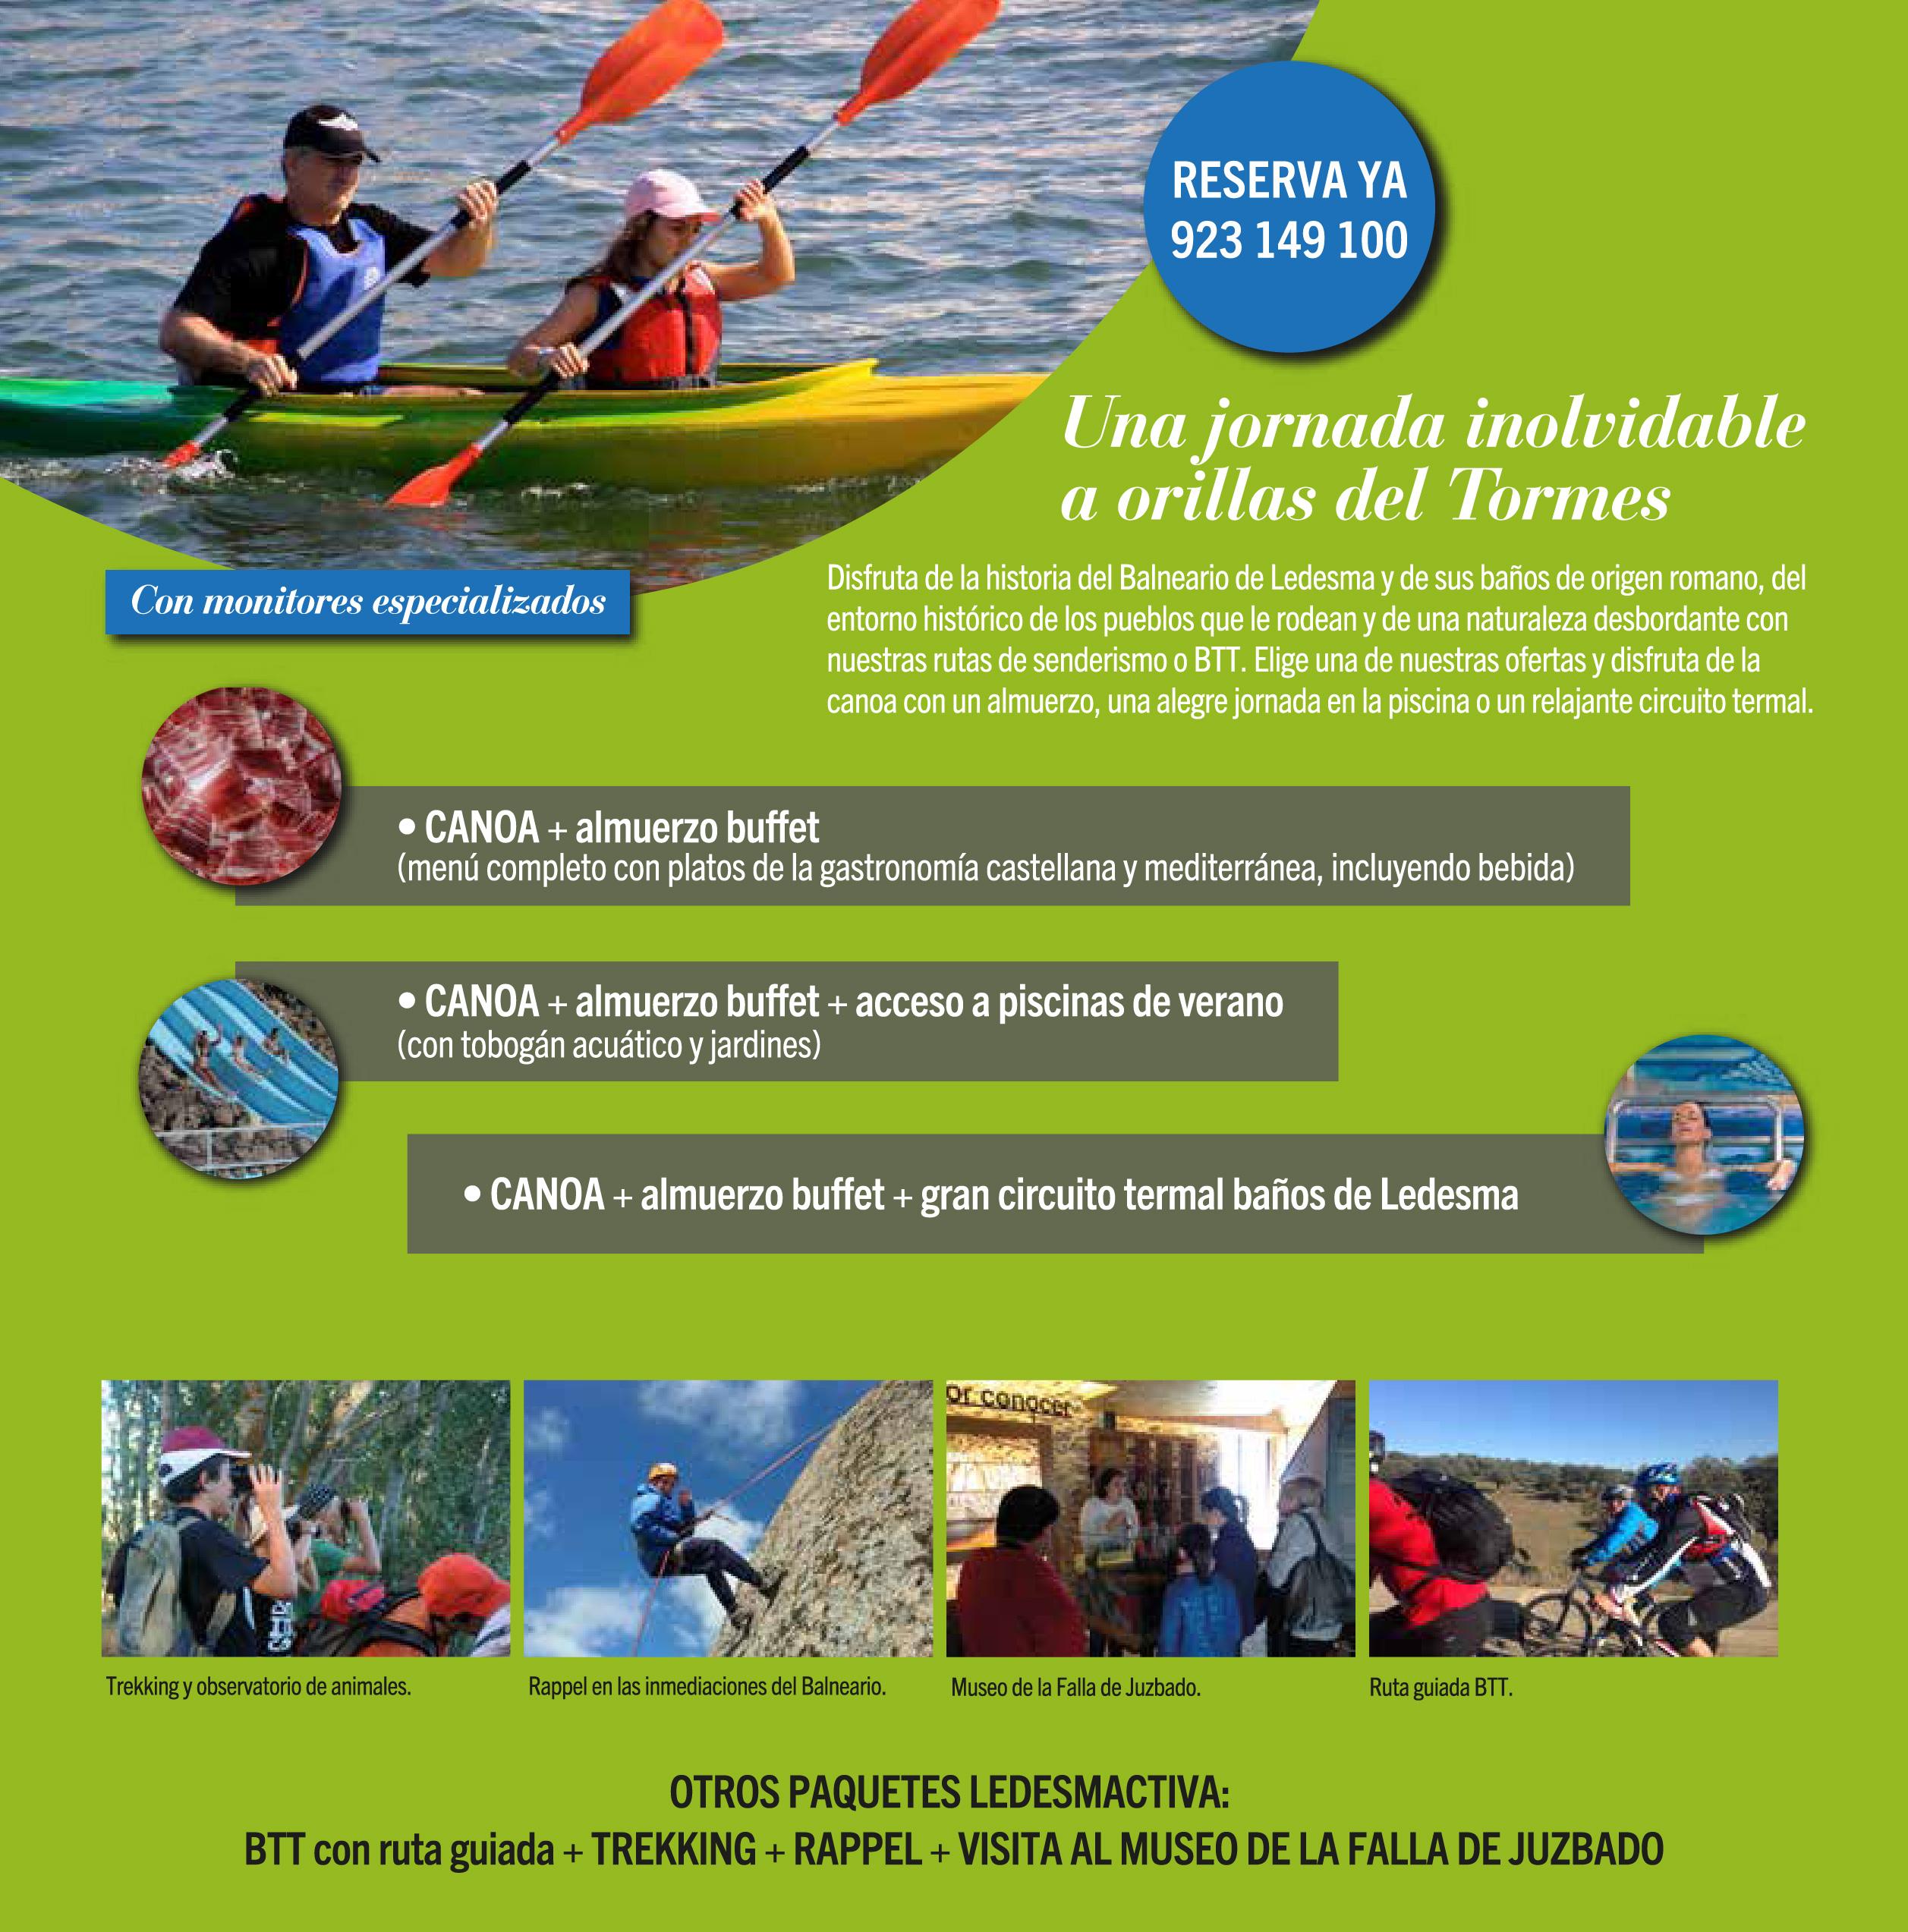 Ofertas y paquetes de turismo activo en Ledesma